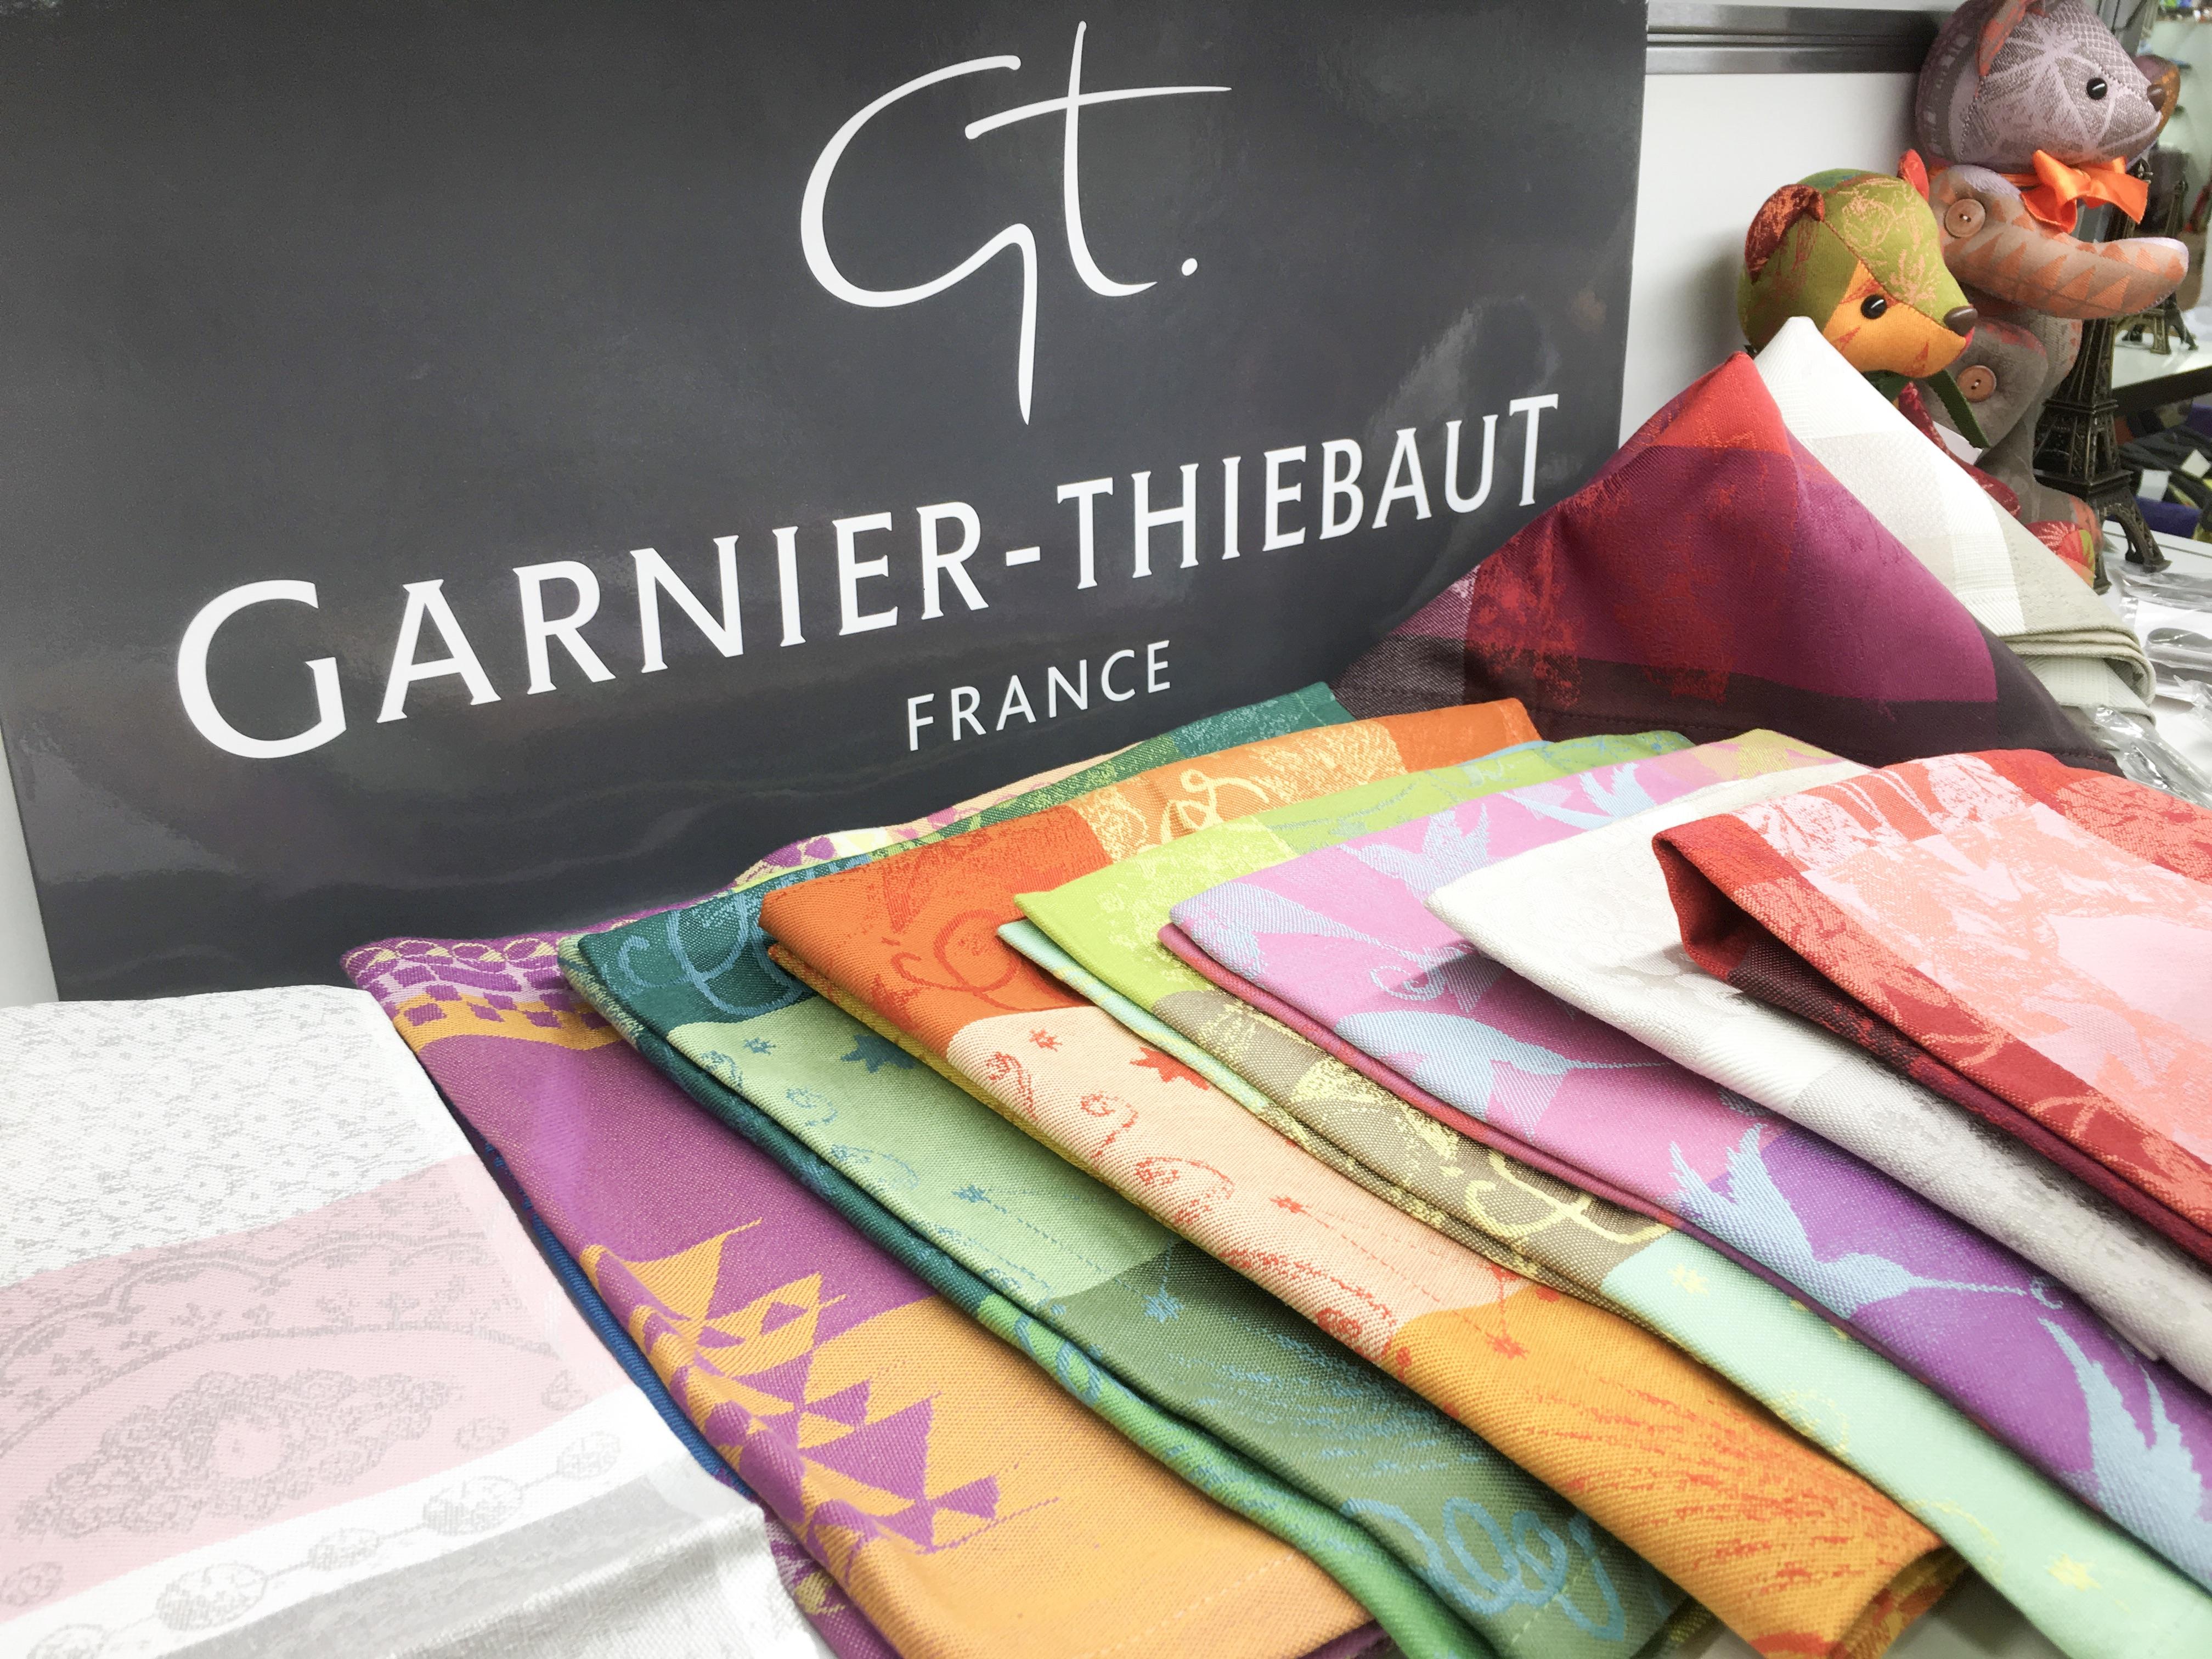 ガルニエ・ティエボー(Garnier Thiebaut)201610日本橋三越フランス展ナプキン